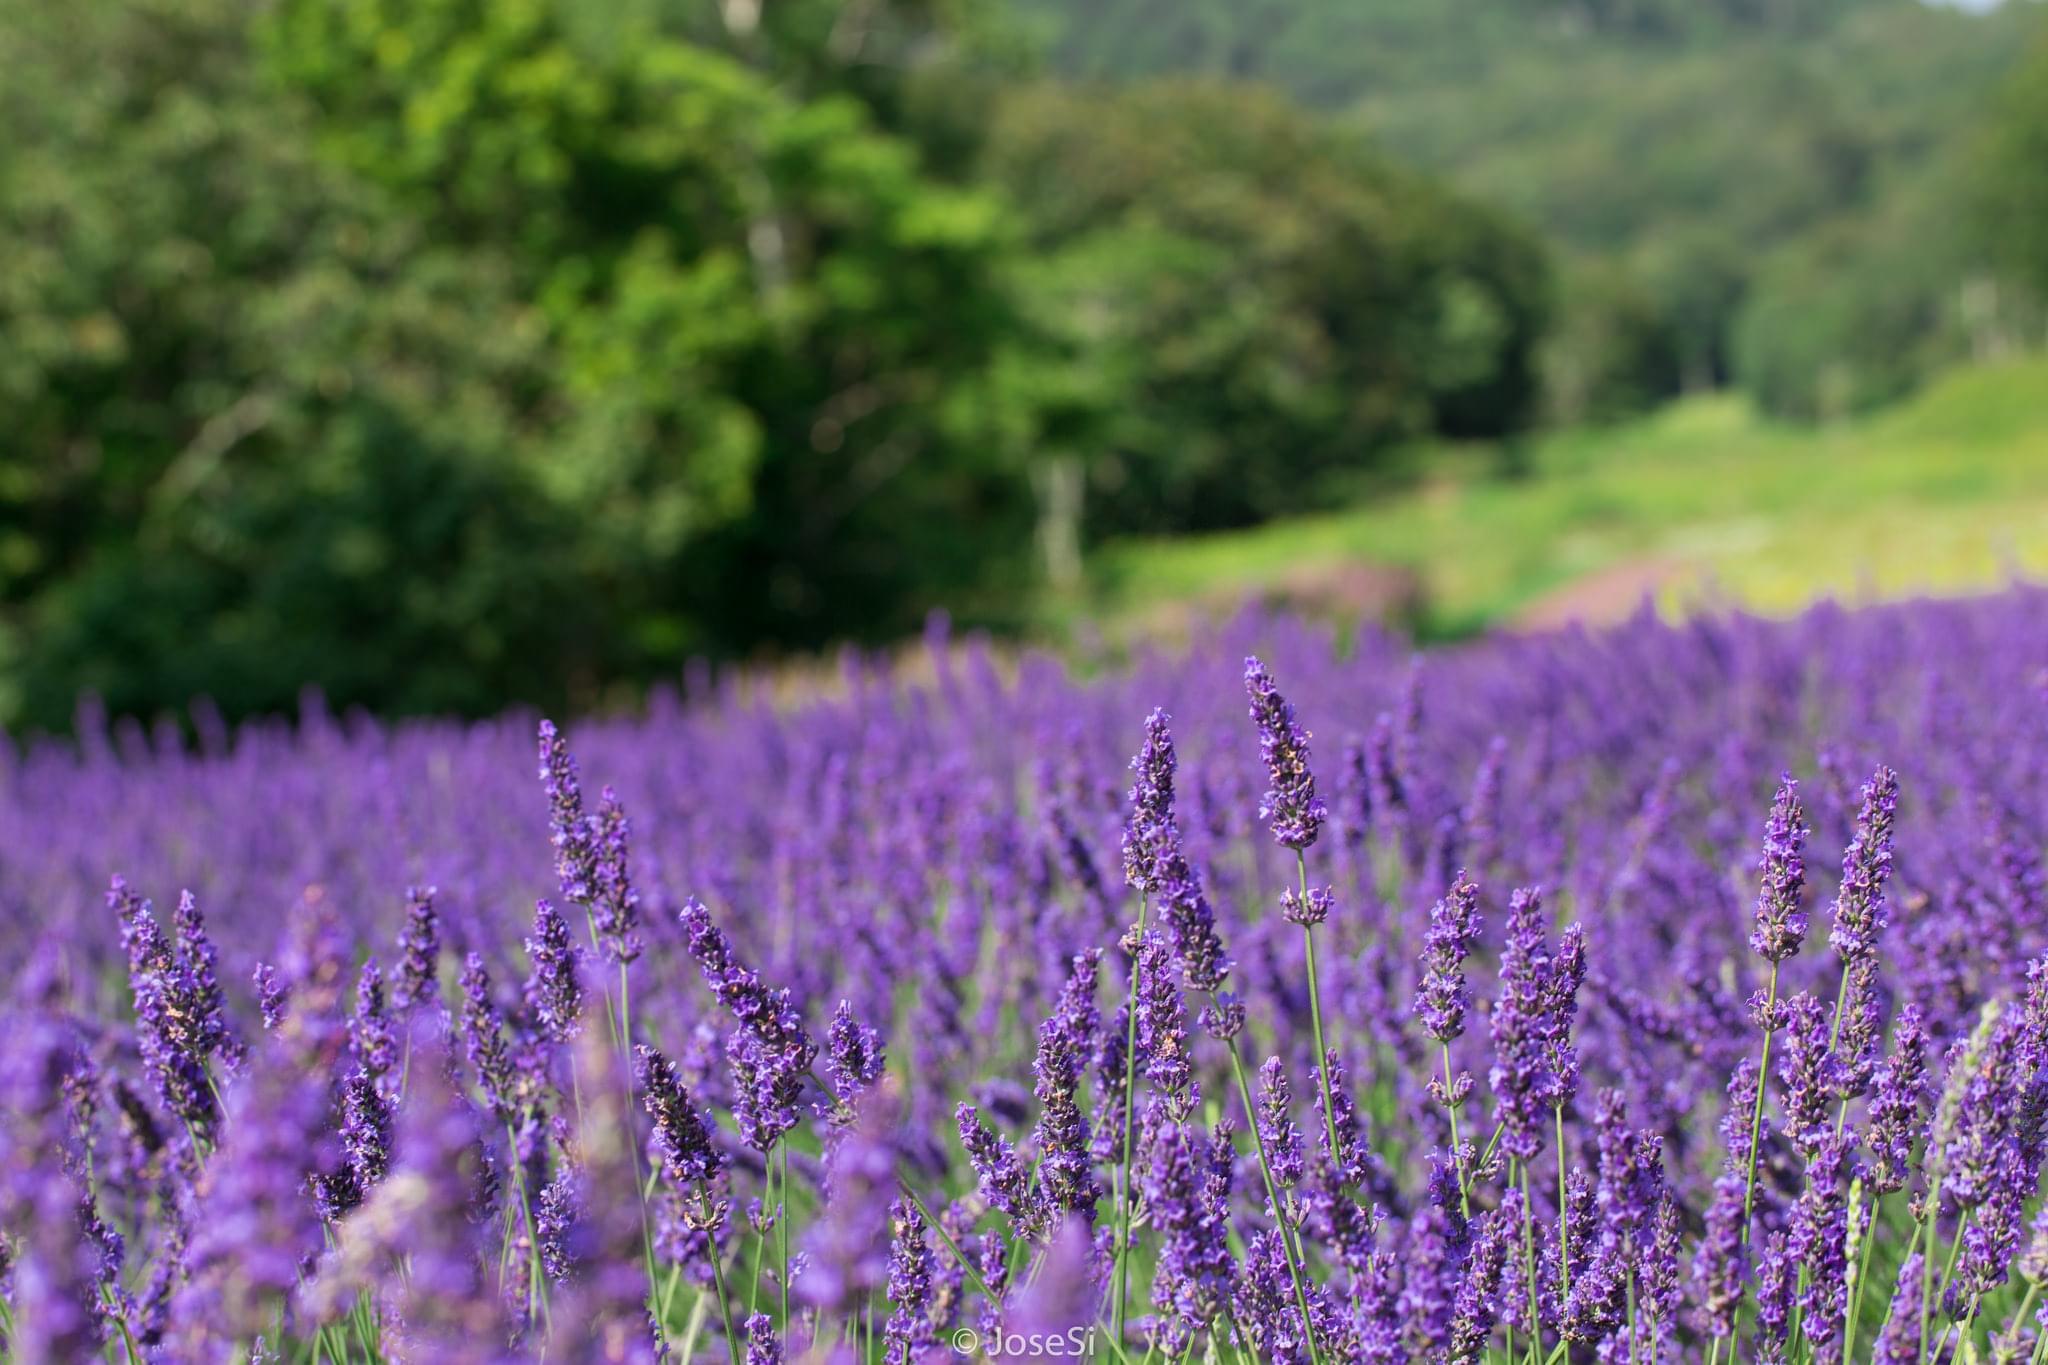 【群馬】花の名所5選!春を存分に楽しめる公園特集